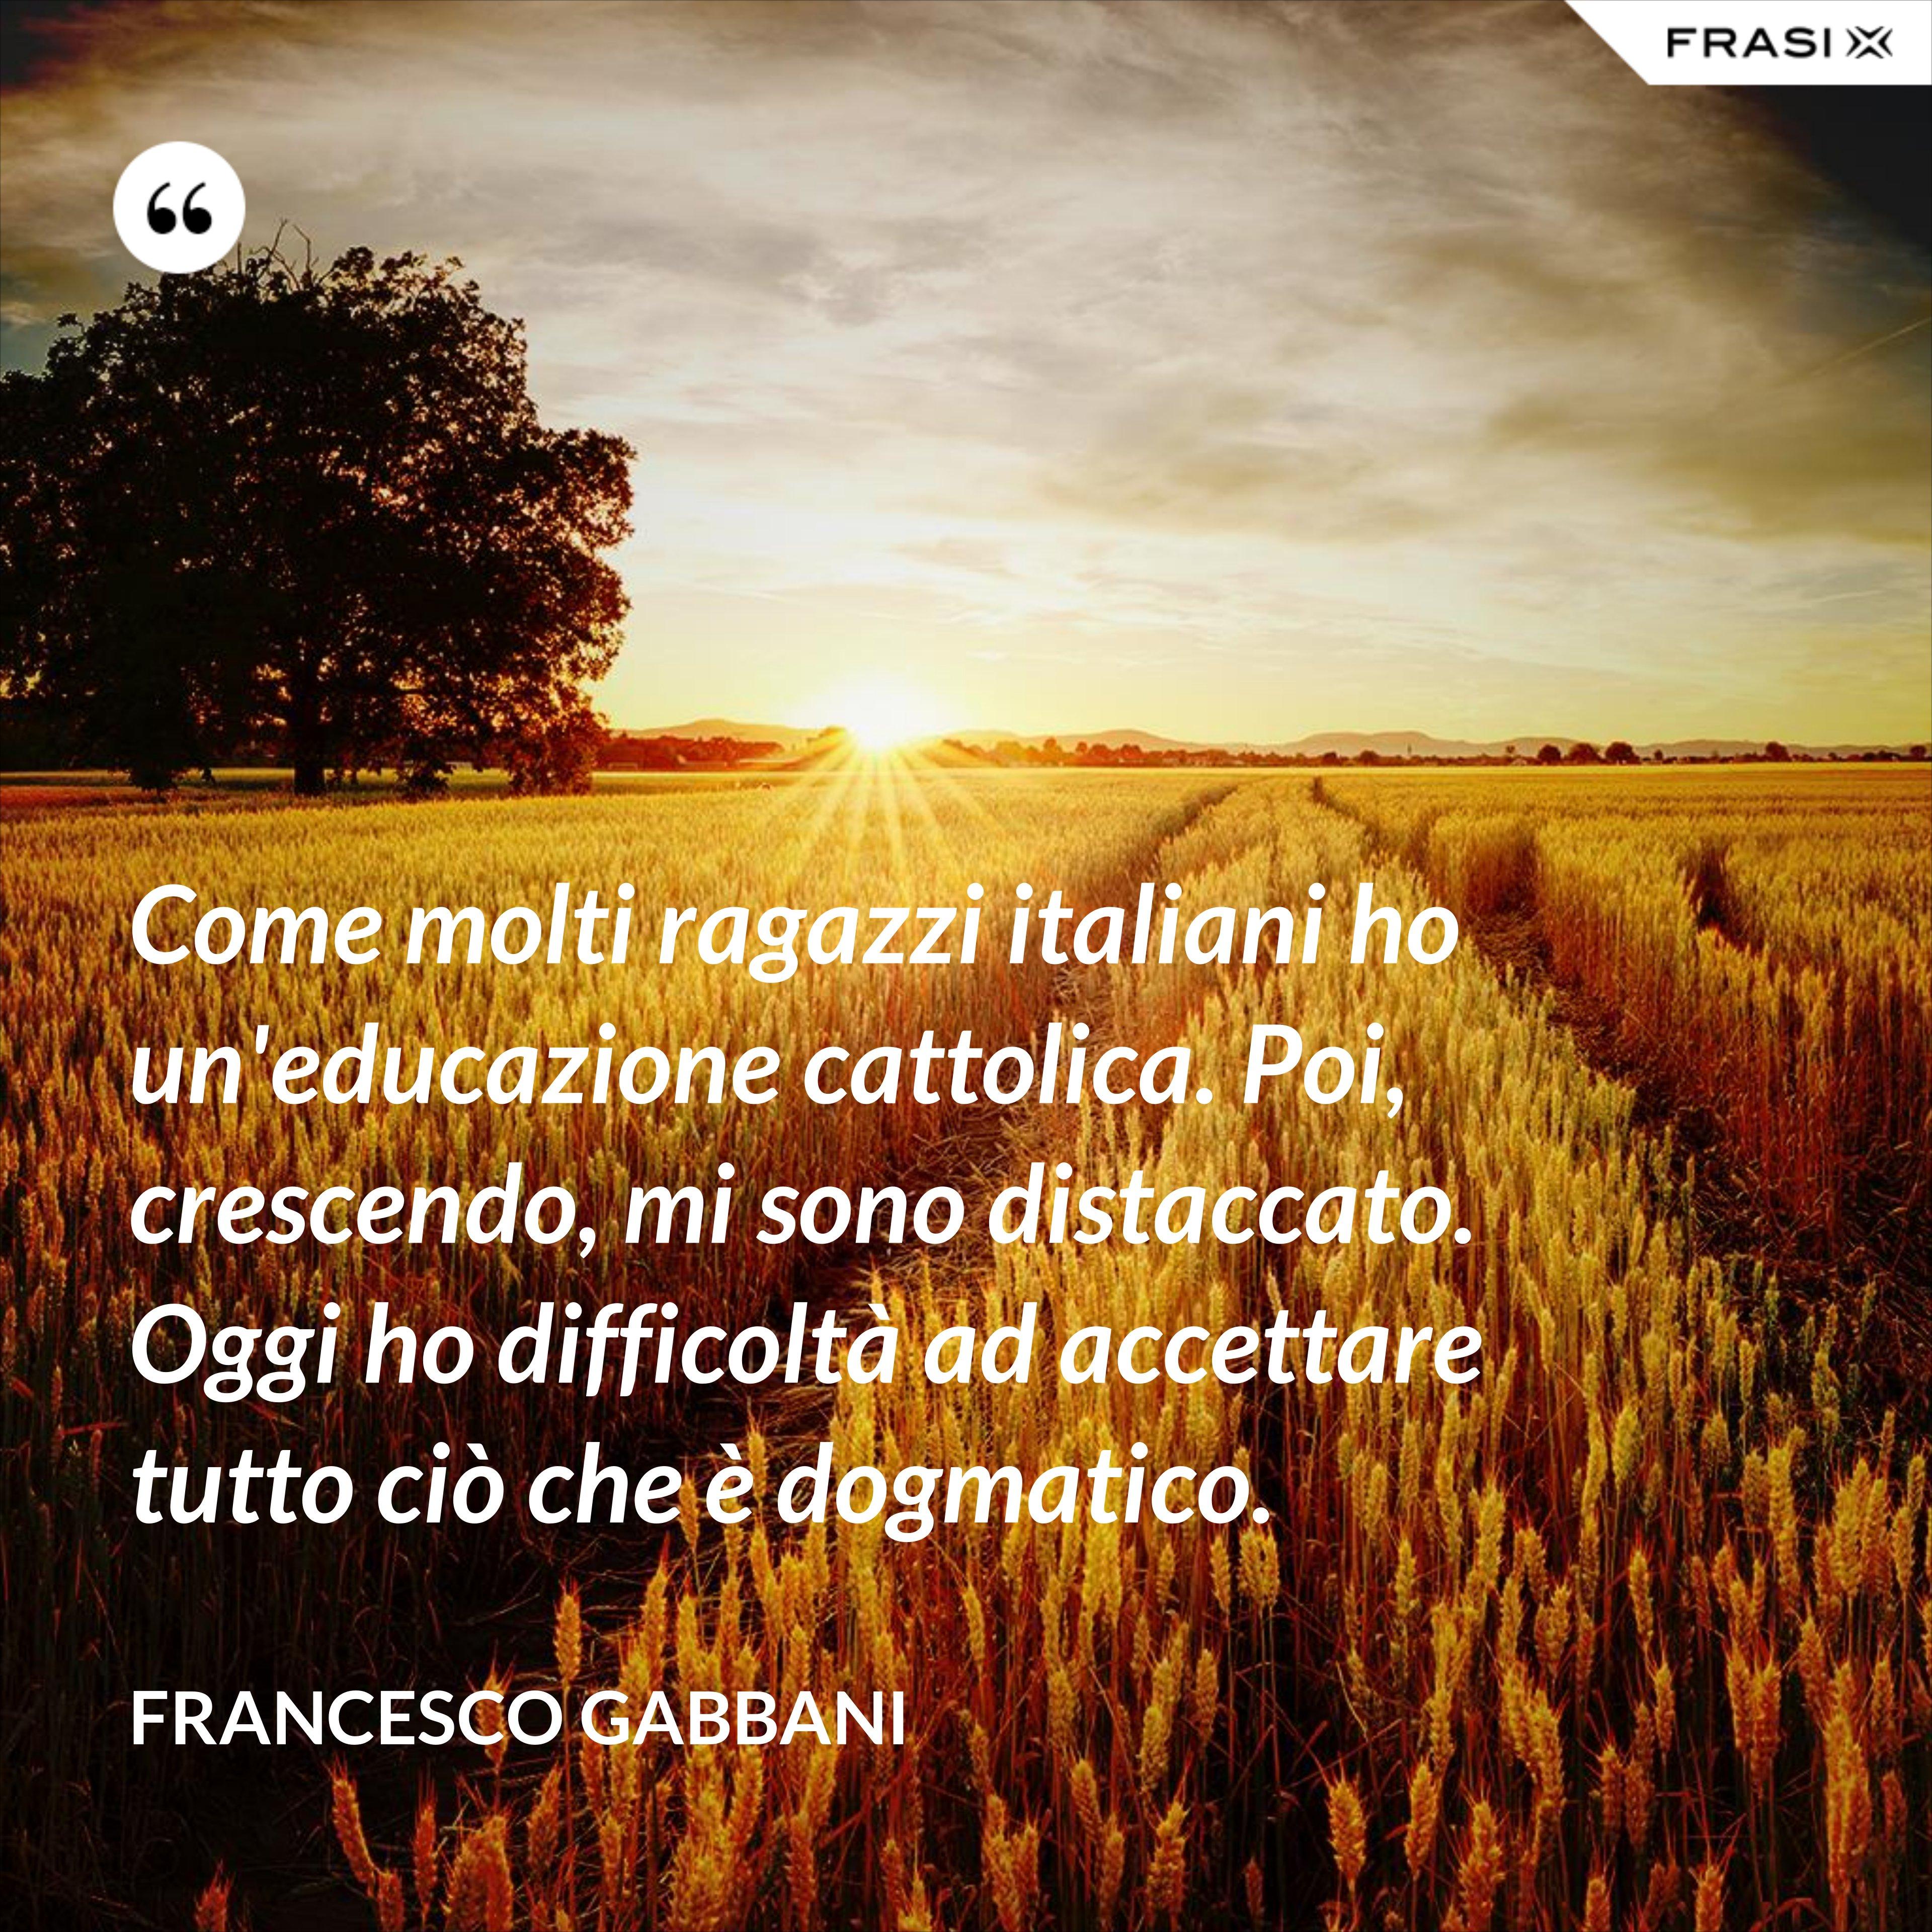 Come molti ragazzi italiani ho un'educazione cattolica. Poi, crescendo, mi sono distaccato. Oggi ho difficoltà ad accettare tutto ciò che è dogmatico. - Francesco Gabbani